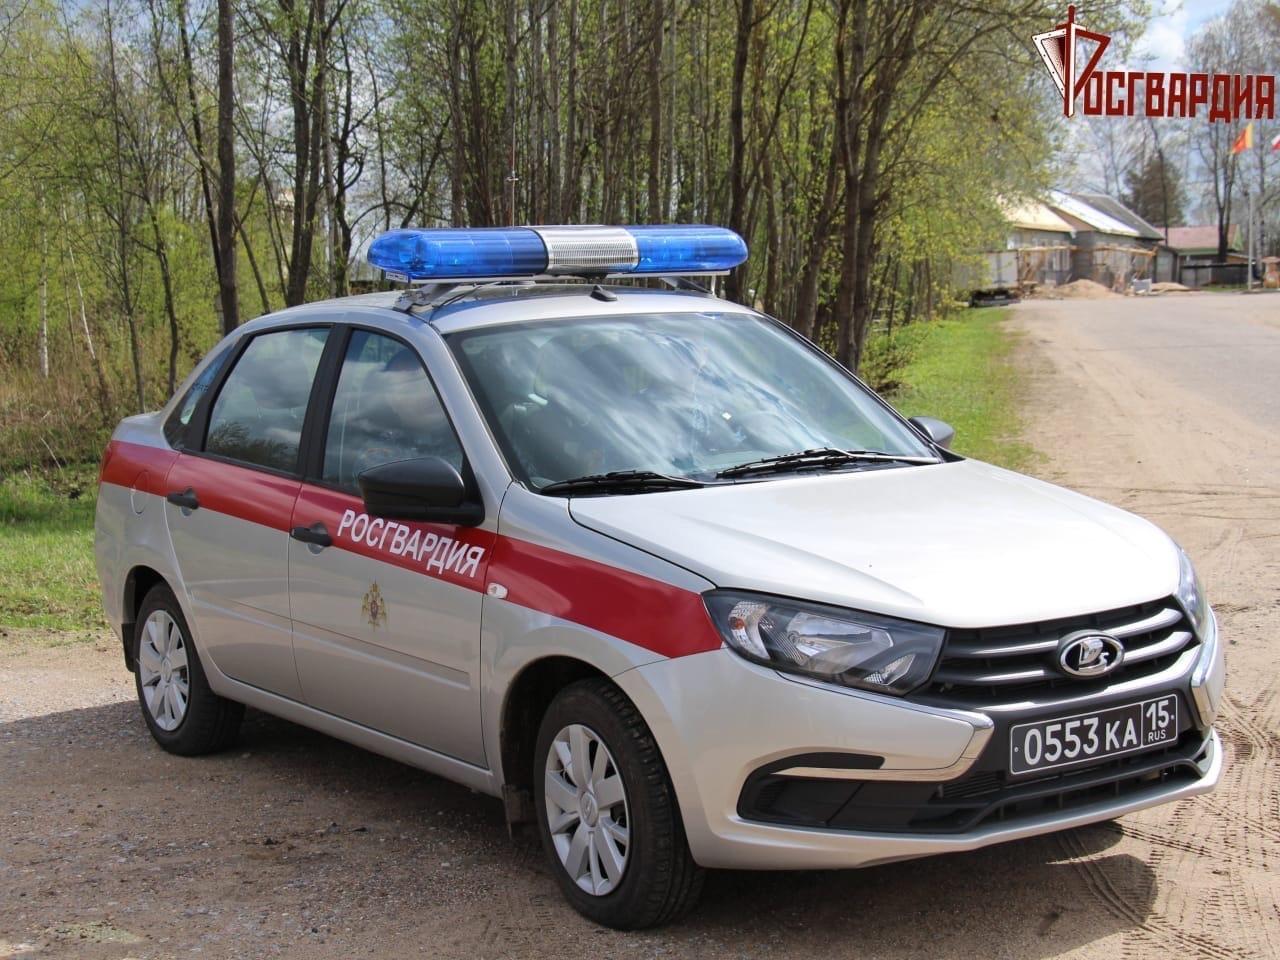 В Тверской области задержали мужчину, который порезал человека и убежал